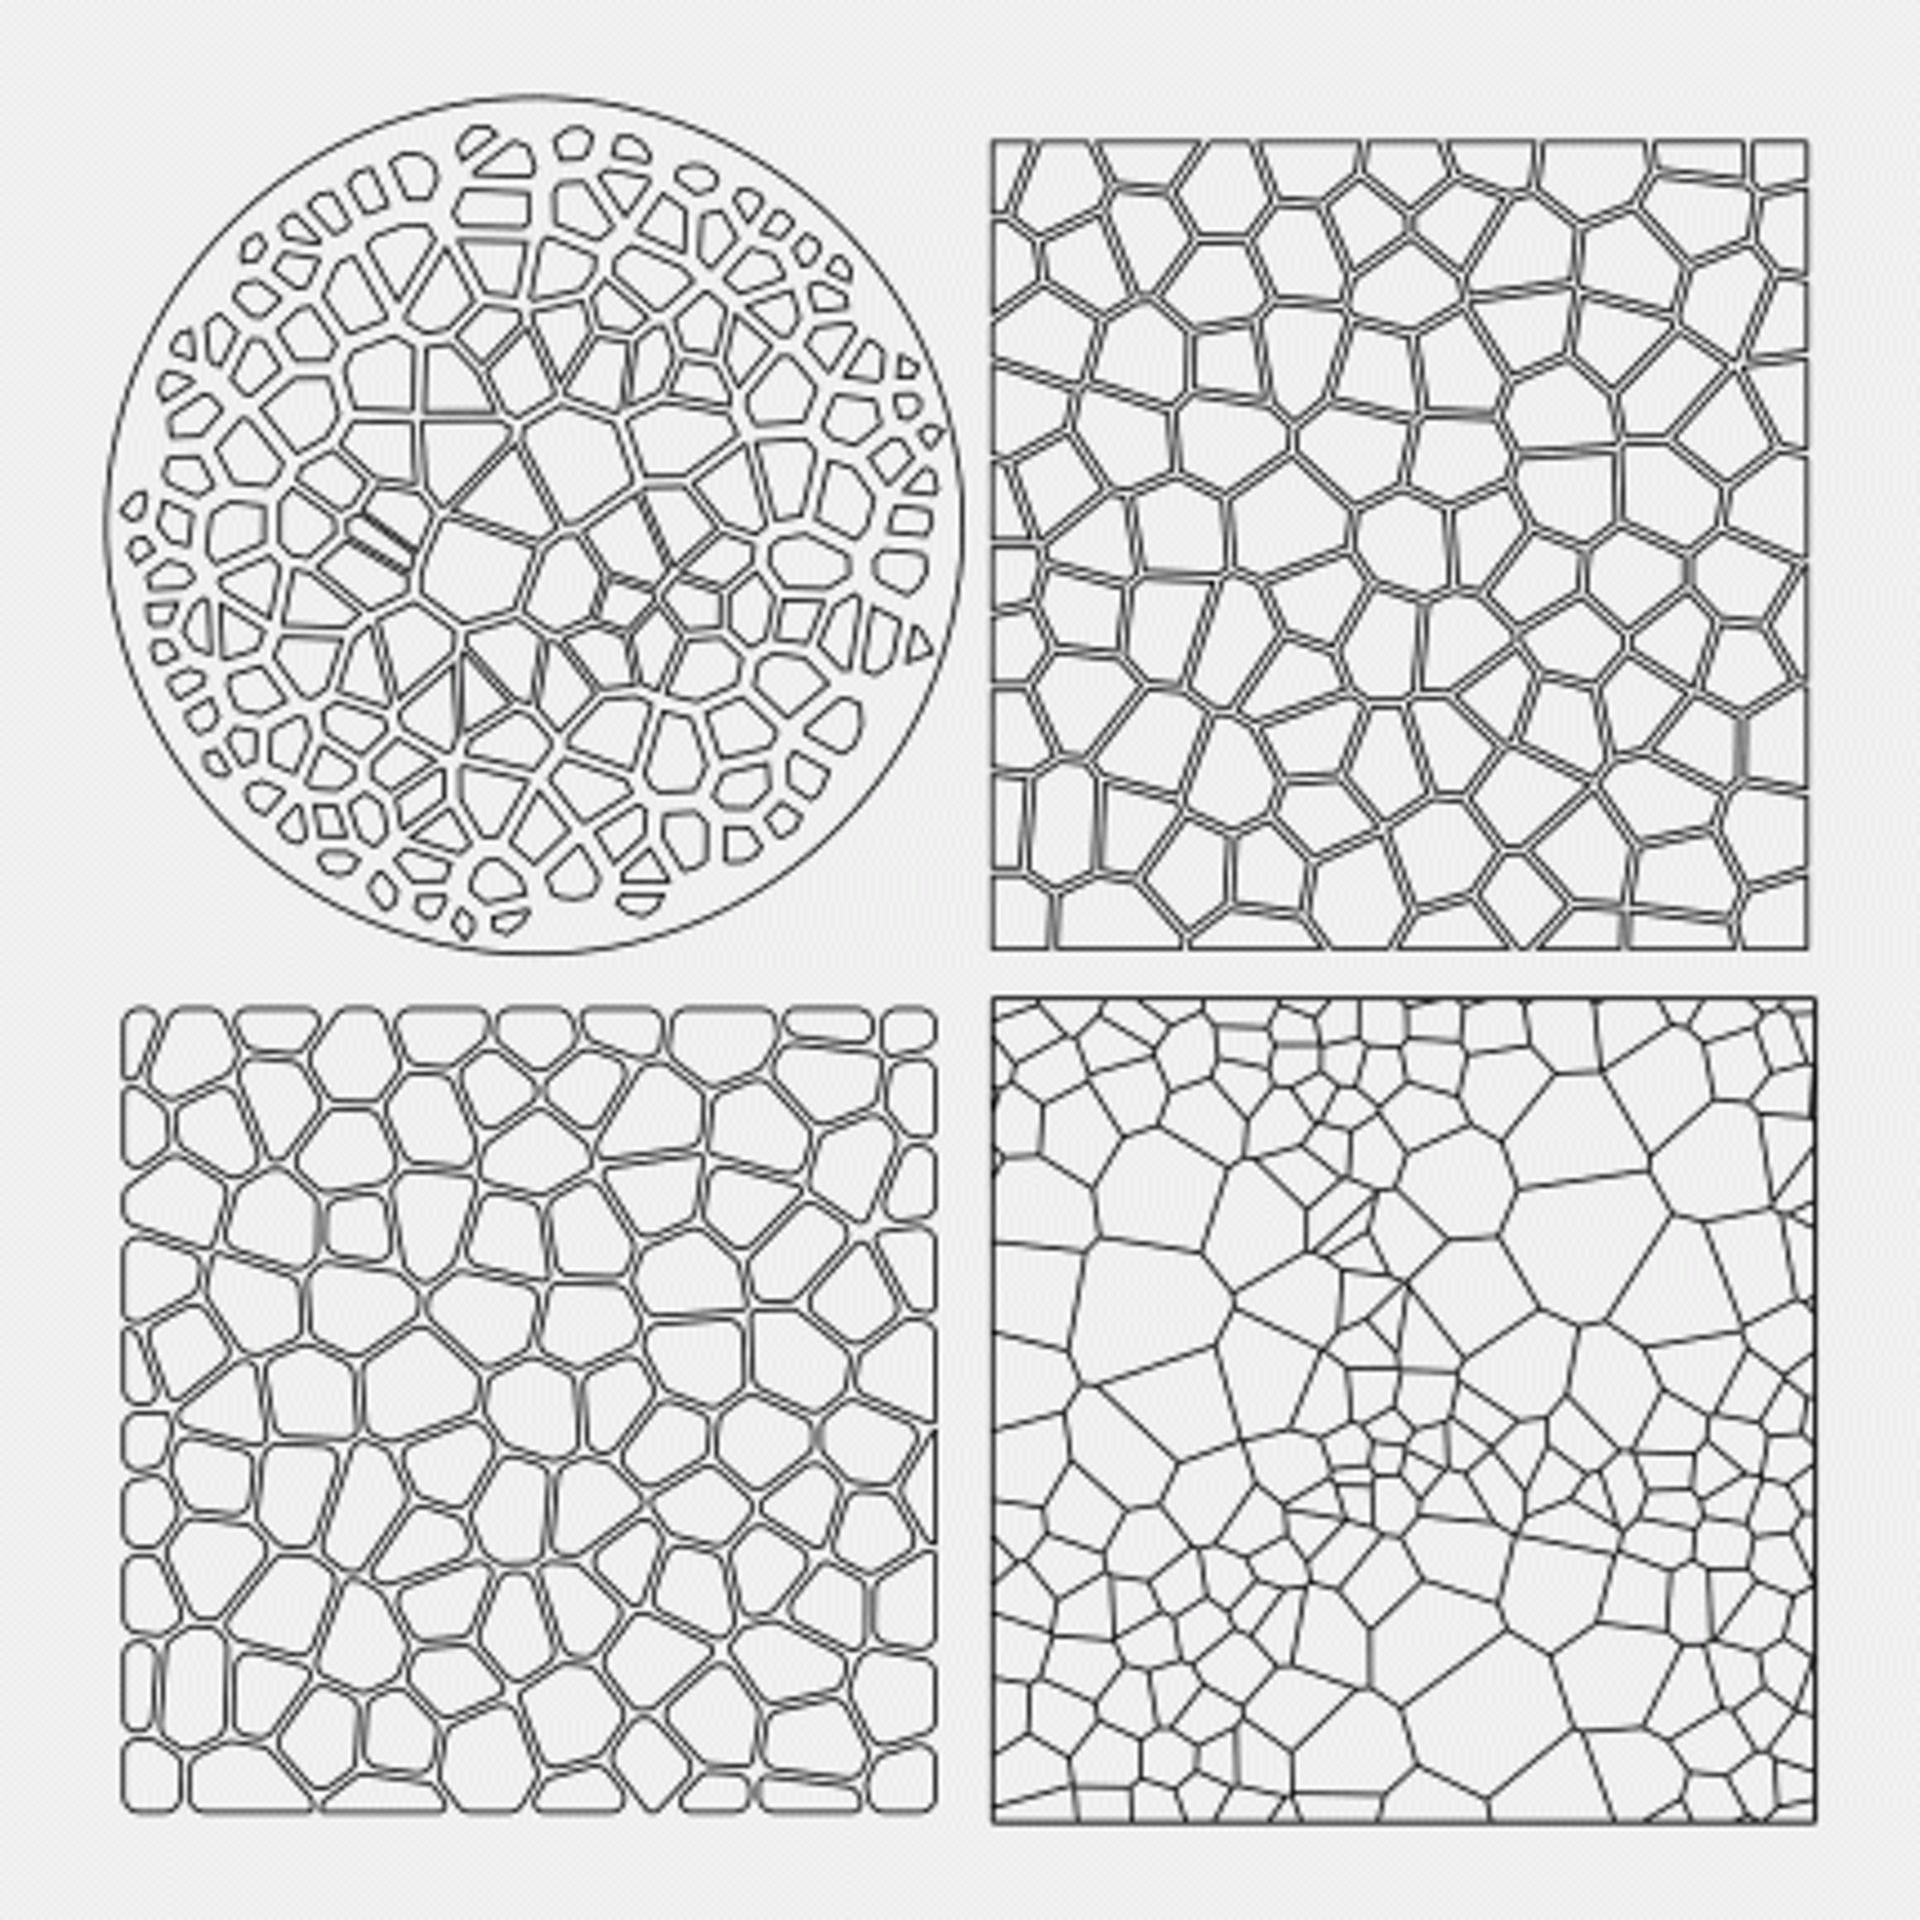 大自然中經常出現的Voronoi Diagram物體結構。(網上圖片)